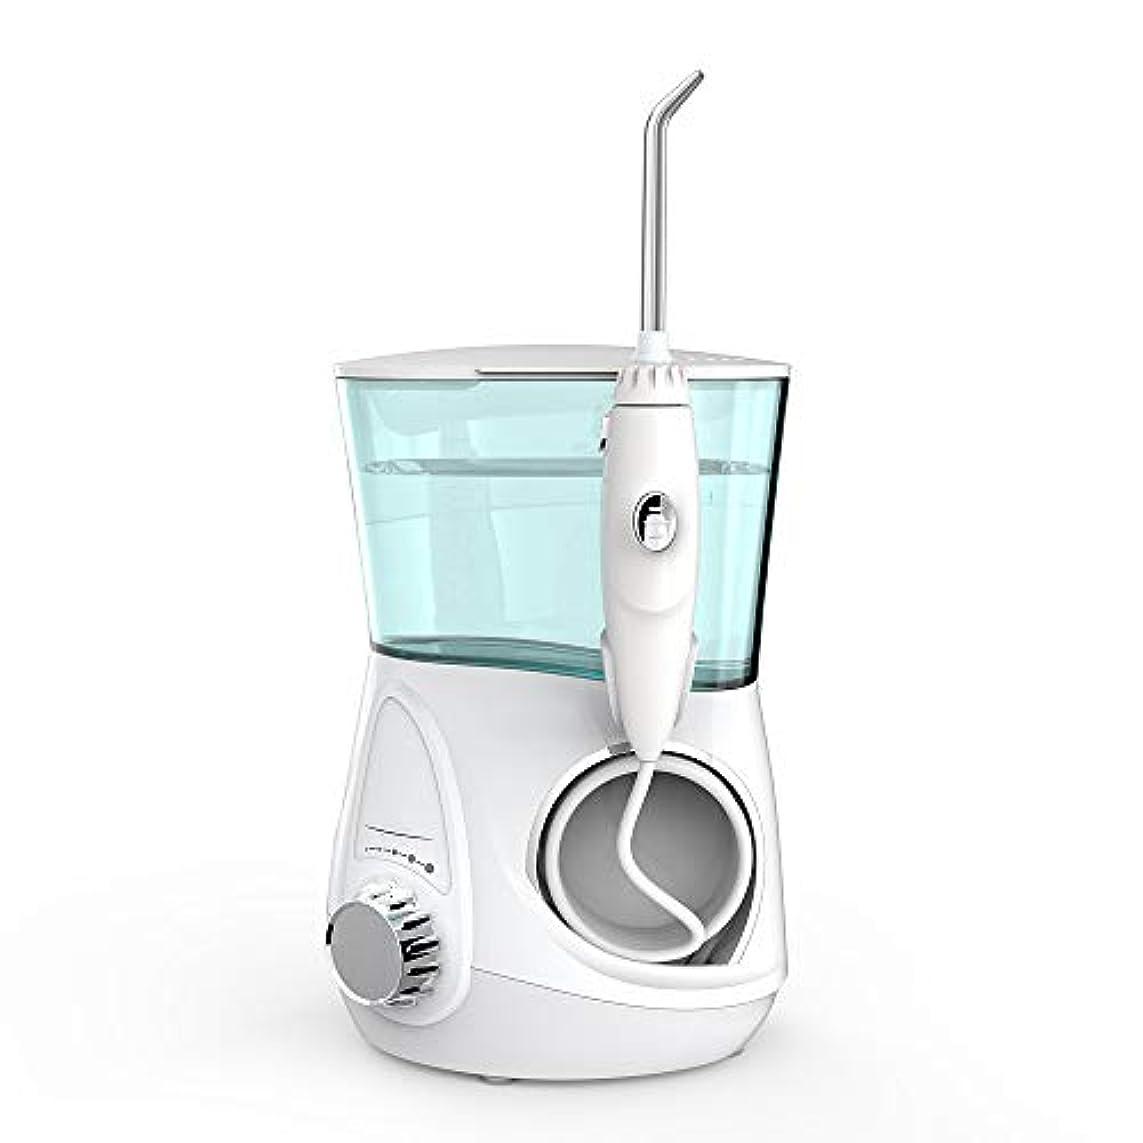 ダムフットボール何でも水フロッサー口腔洗浄器、電気家庭用洗濯機ウォーターフロスケア充電式ウォーターピックジェット歯クリーニングで5ピースジェットti